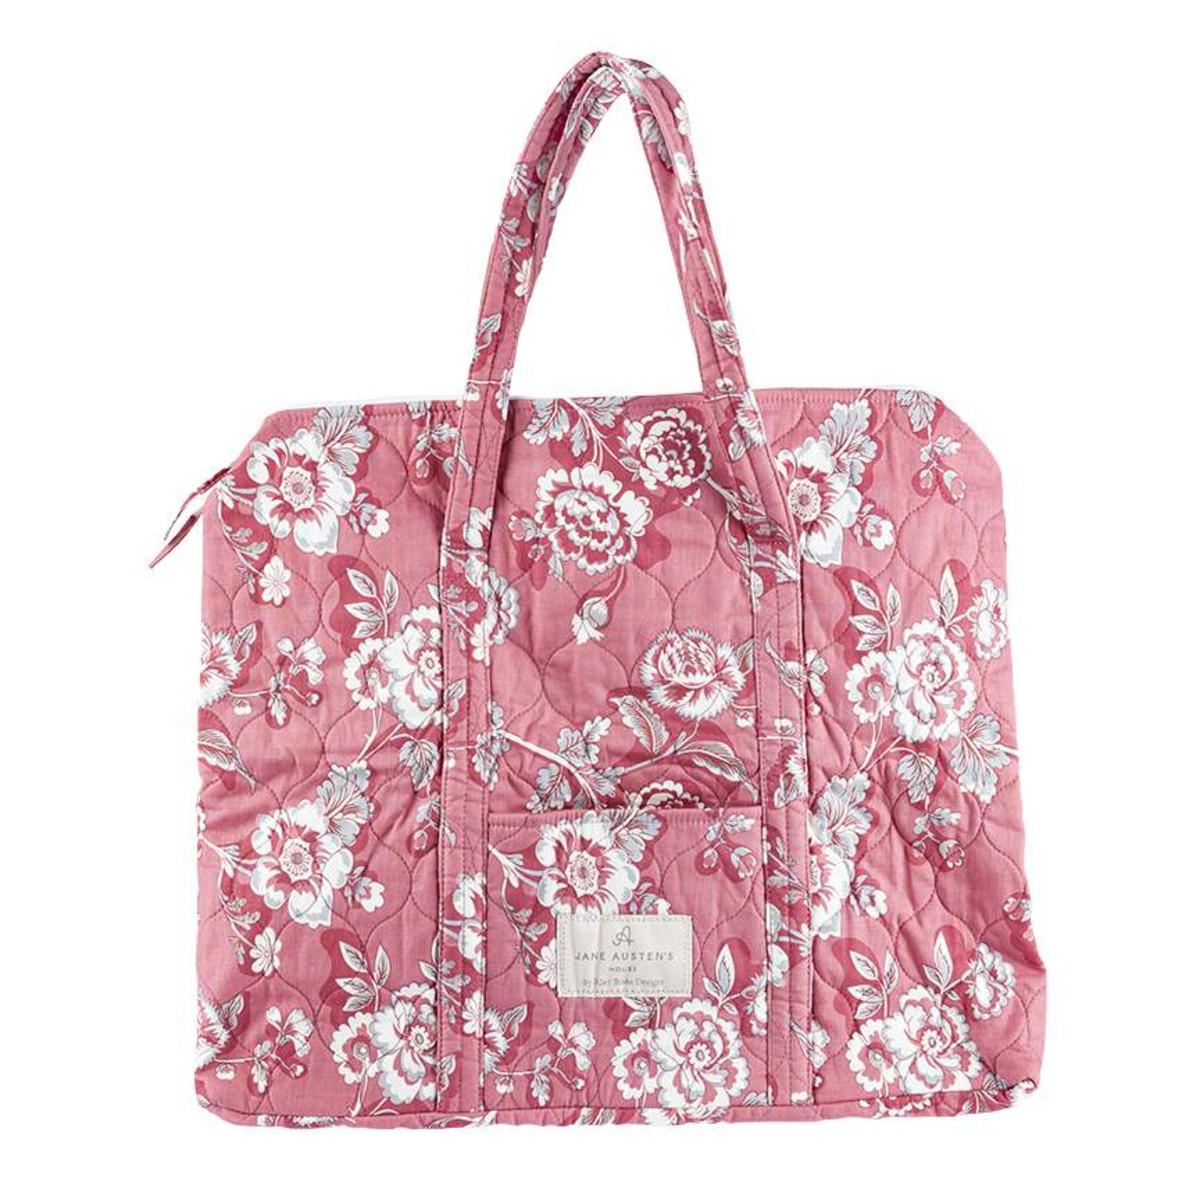 Jane Austen Quilted Bag